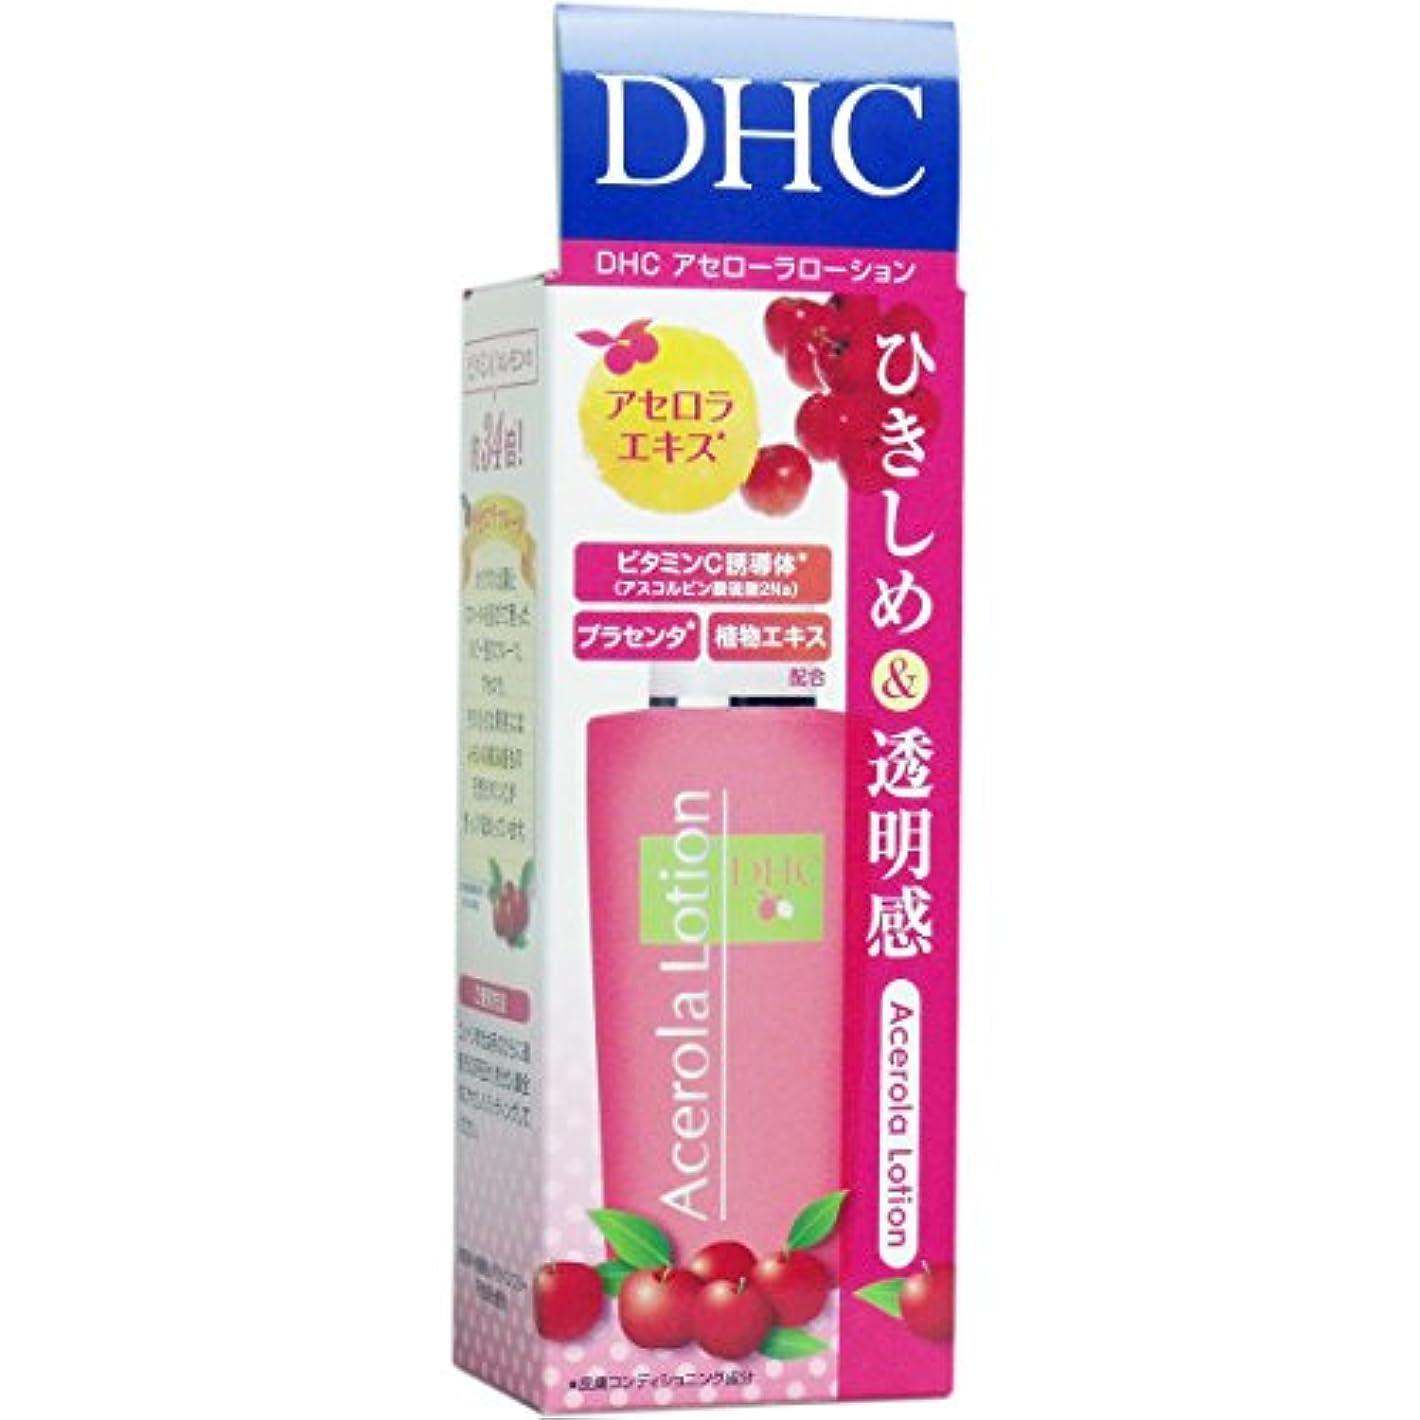 赤面千難破船【DHC】DHC アセローラローション(SS) 40ml ×10個セット